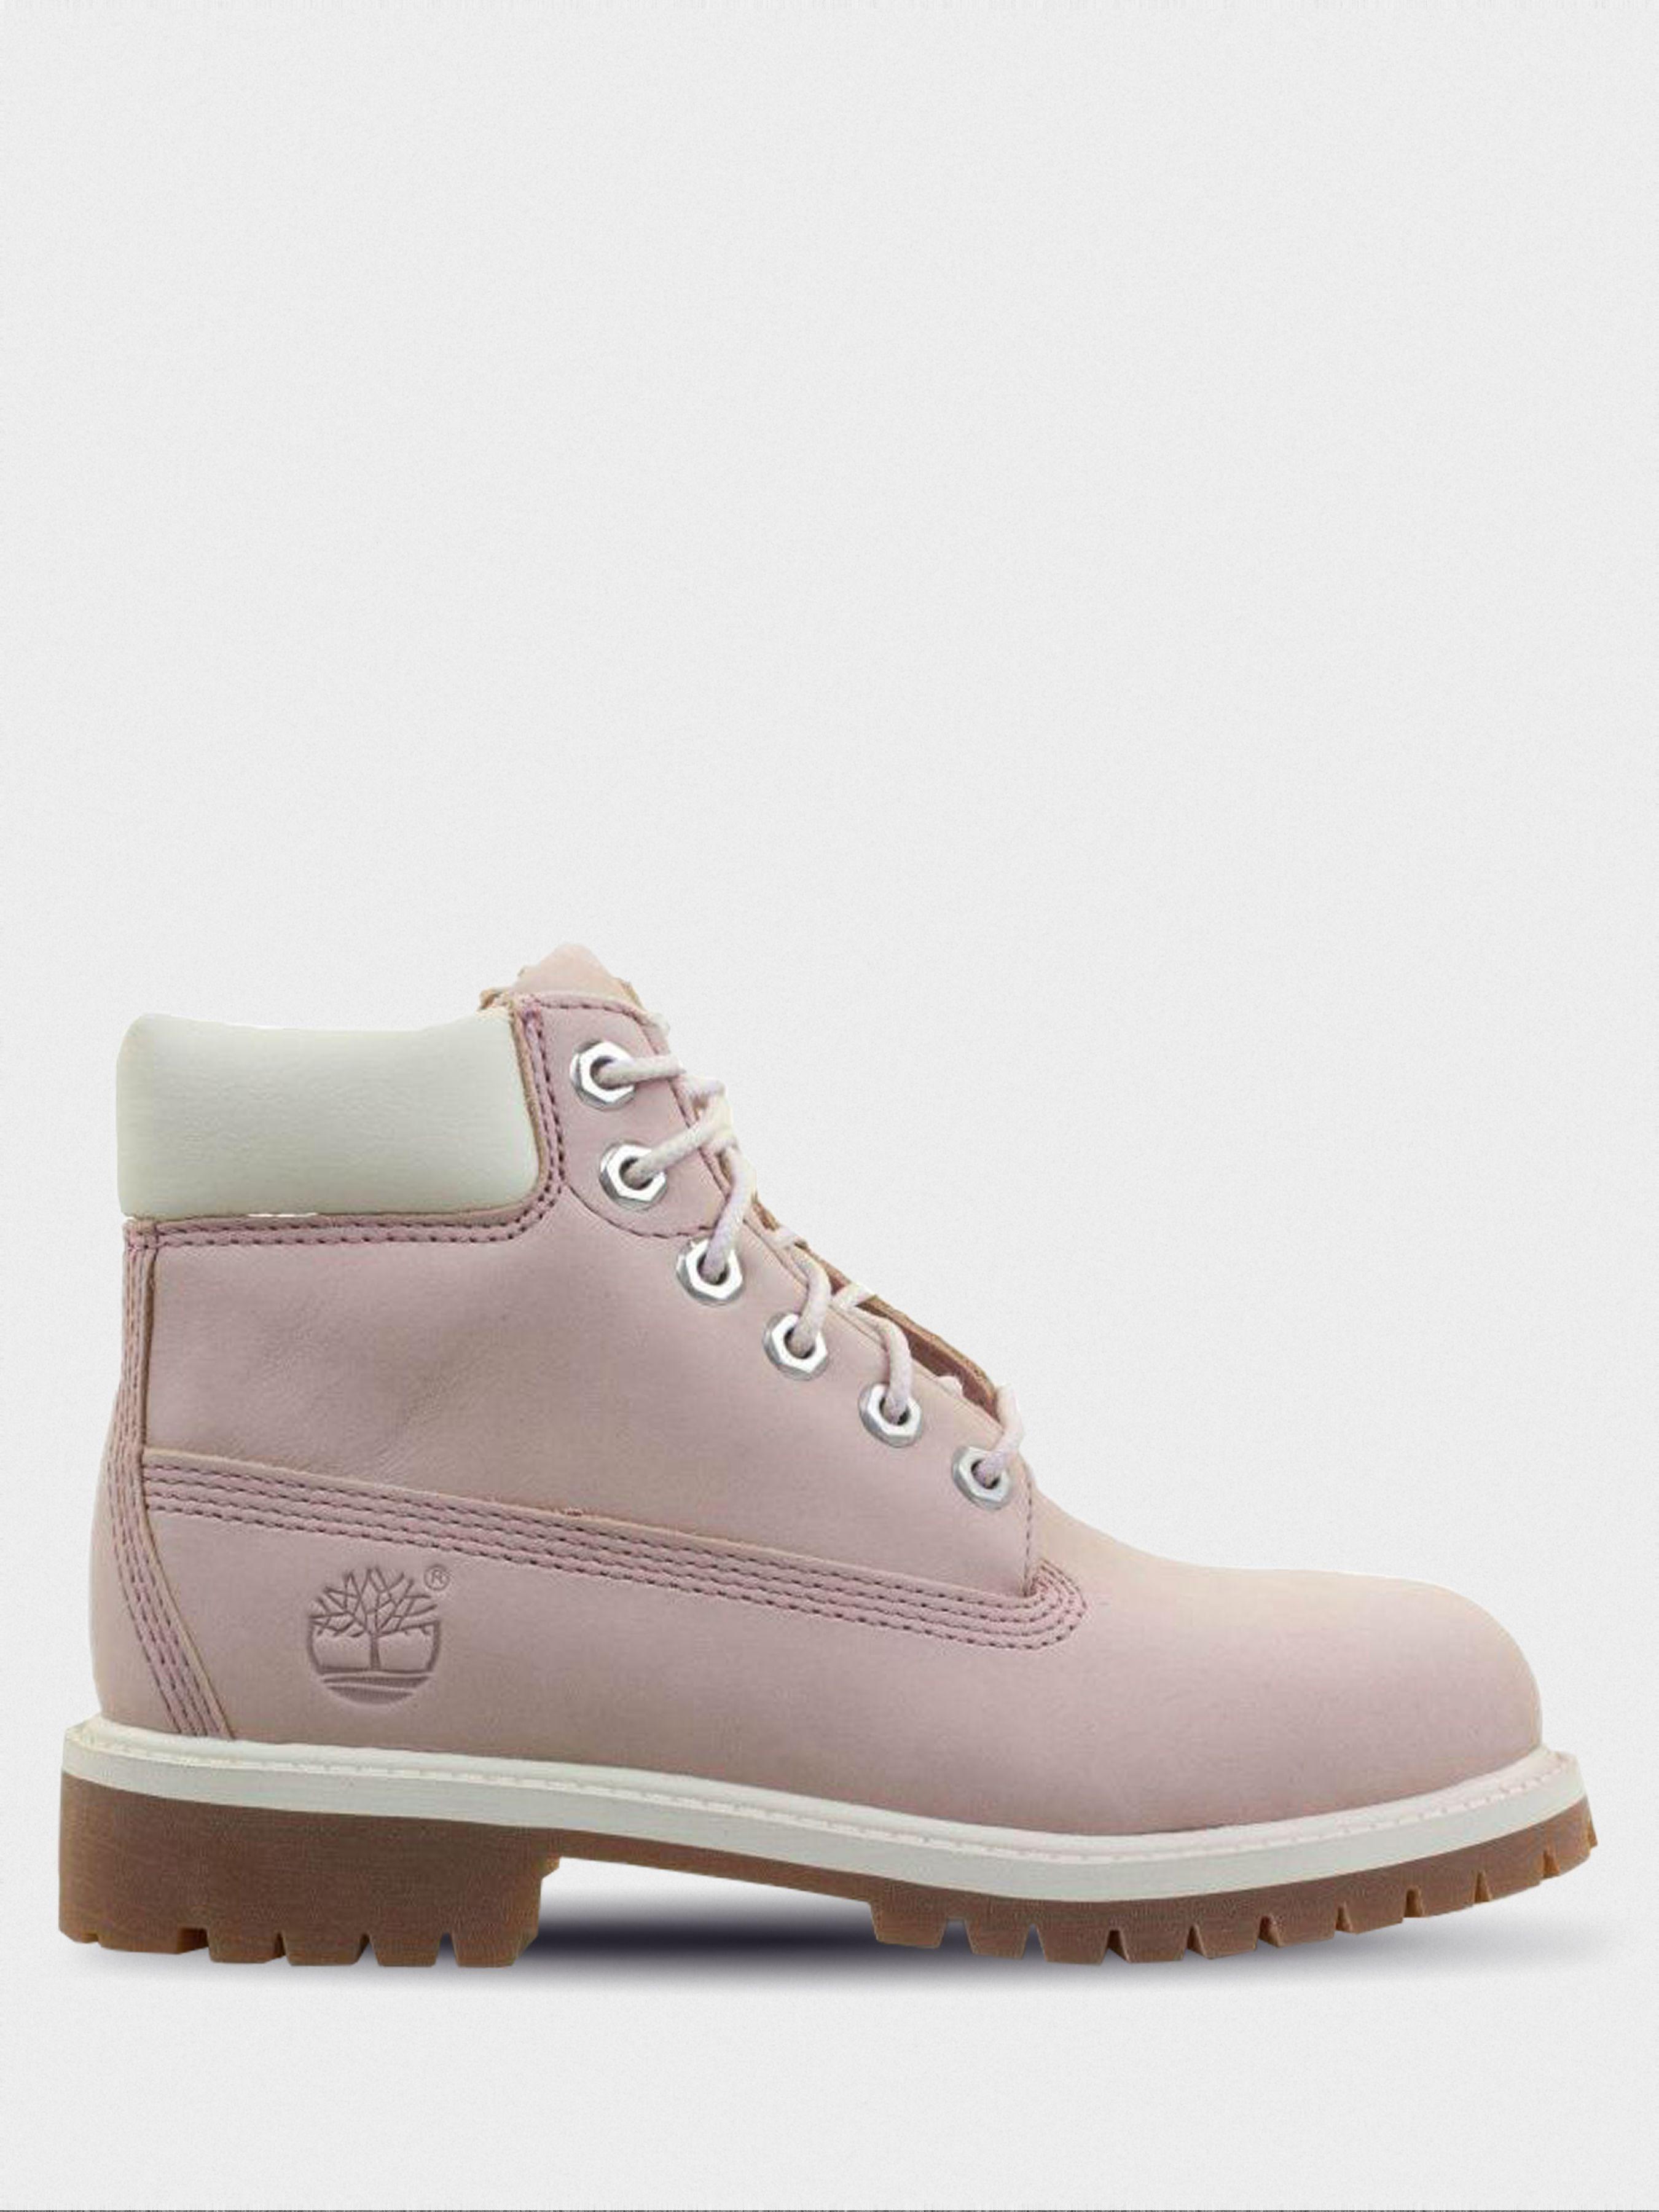 Ботинки детские Timberland модель TL721. Ботинки для детей Timberland 6 In  Premium WPF TL721 купить, 2017 156ba2bbedd